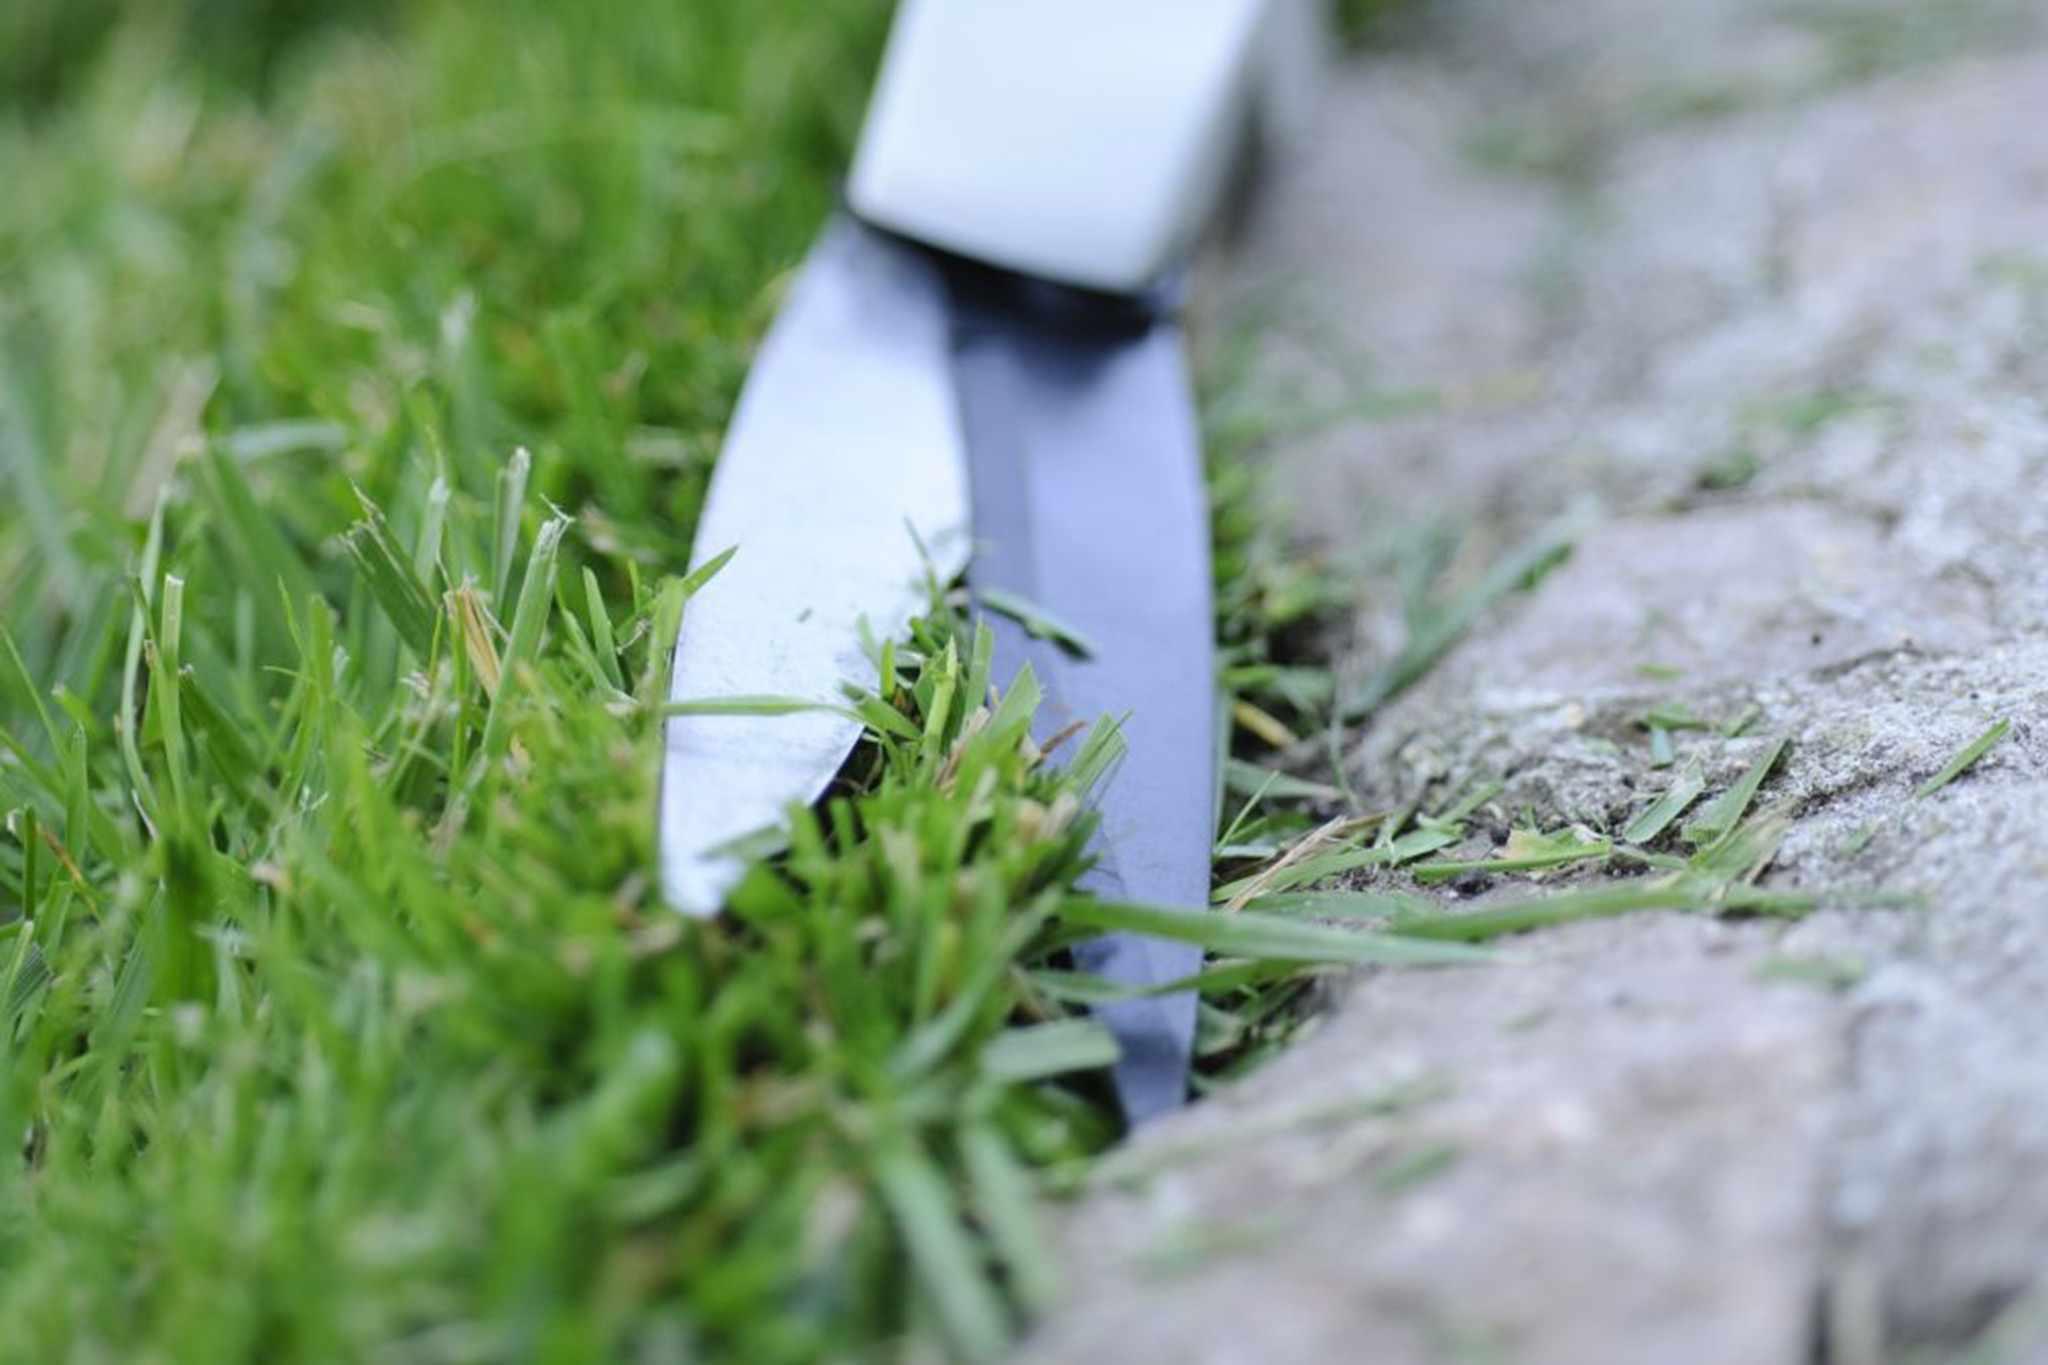 How to cut clean lawn edges